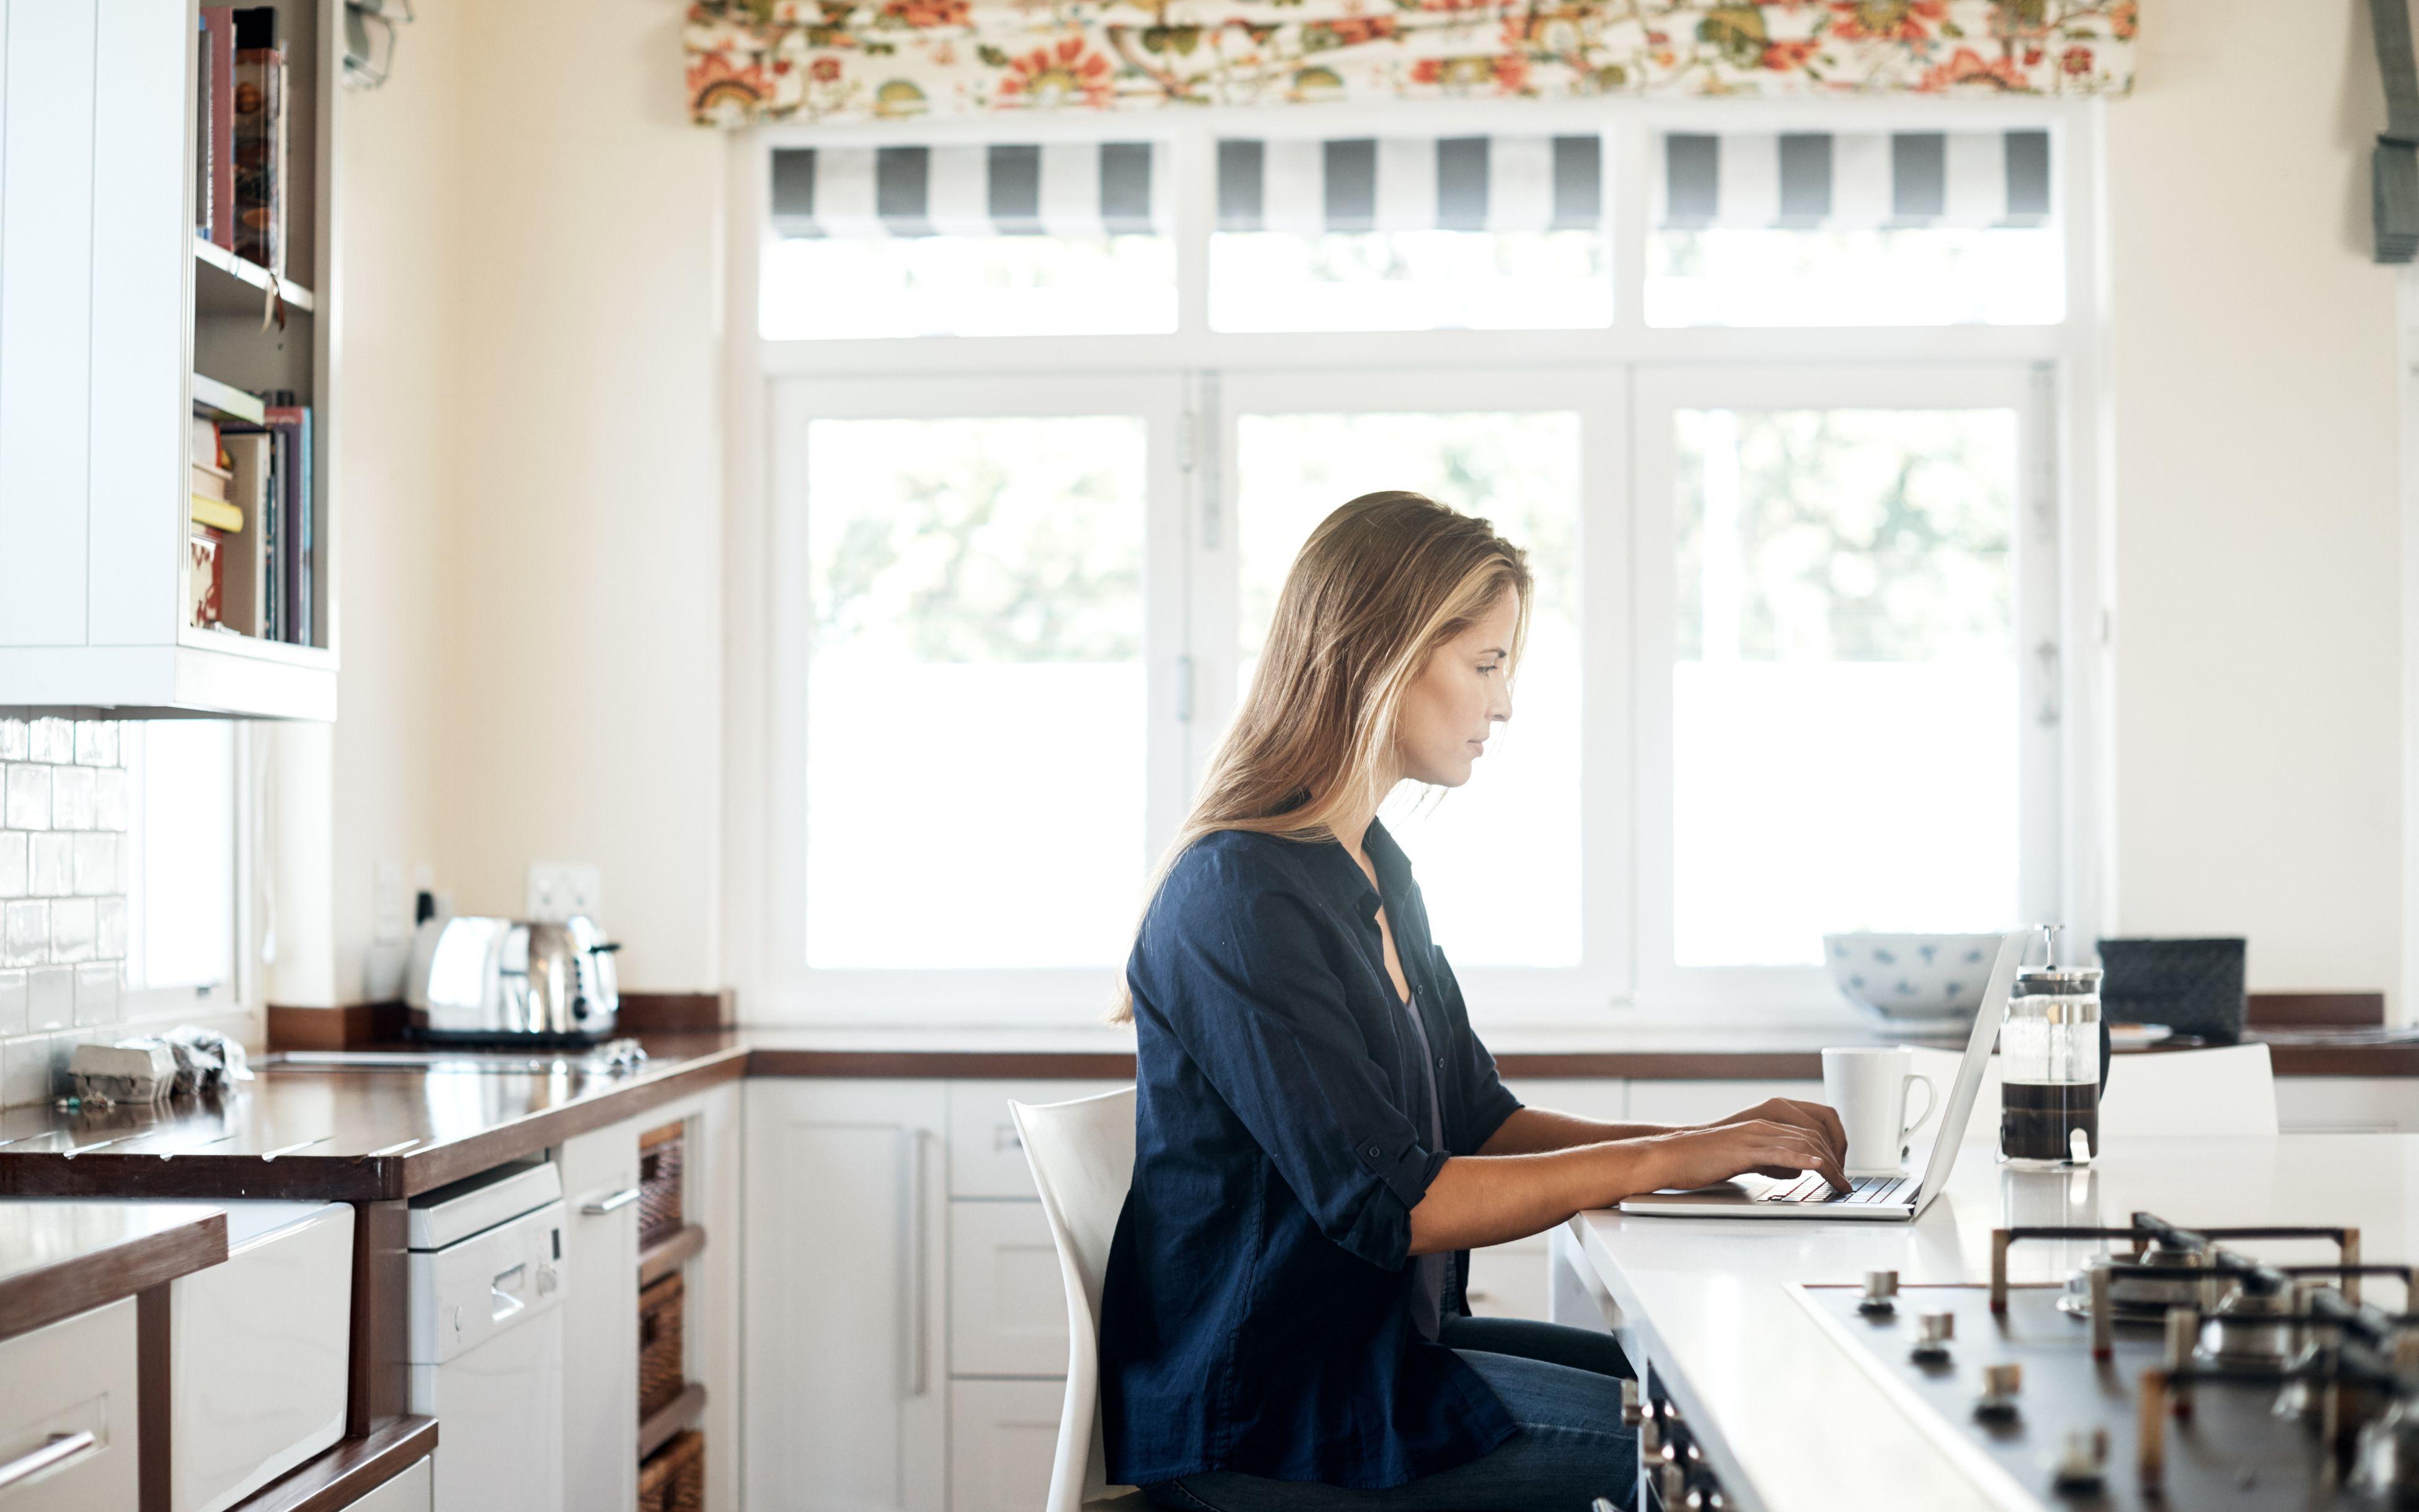 8 av 10 unge boligkjøpere er bekymret for utviklingen i boligmarkedet